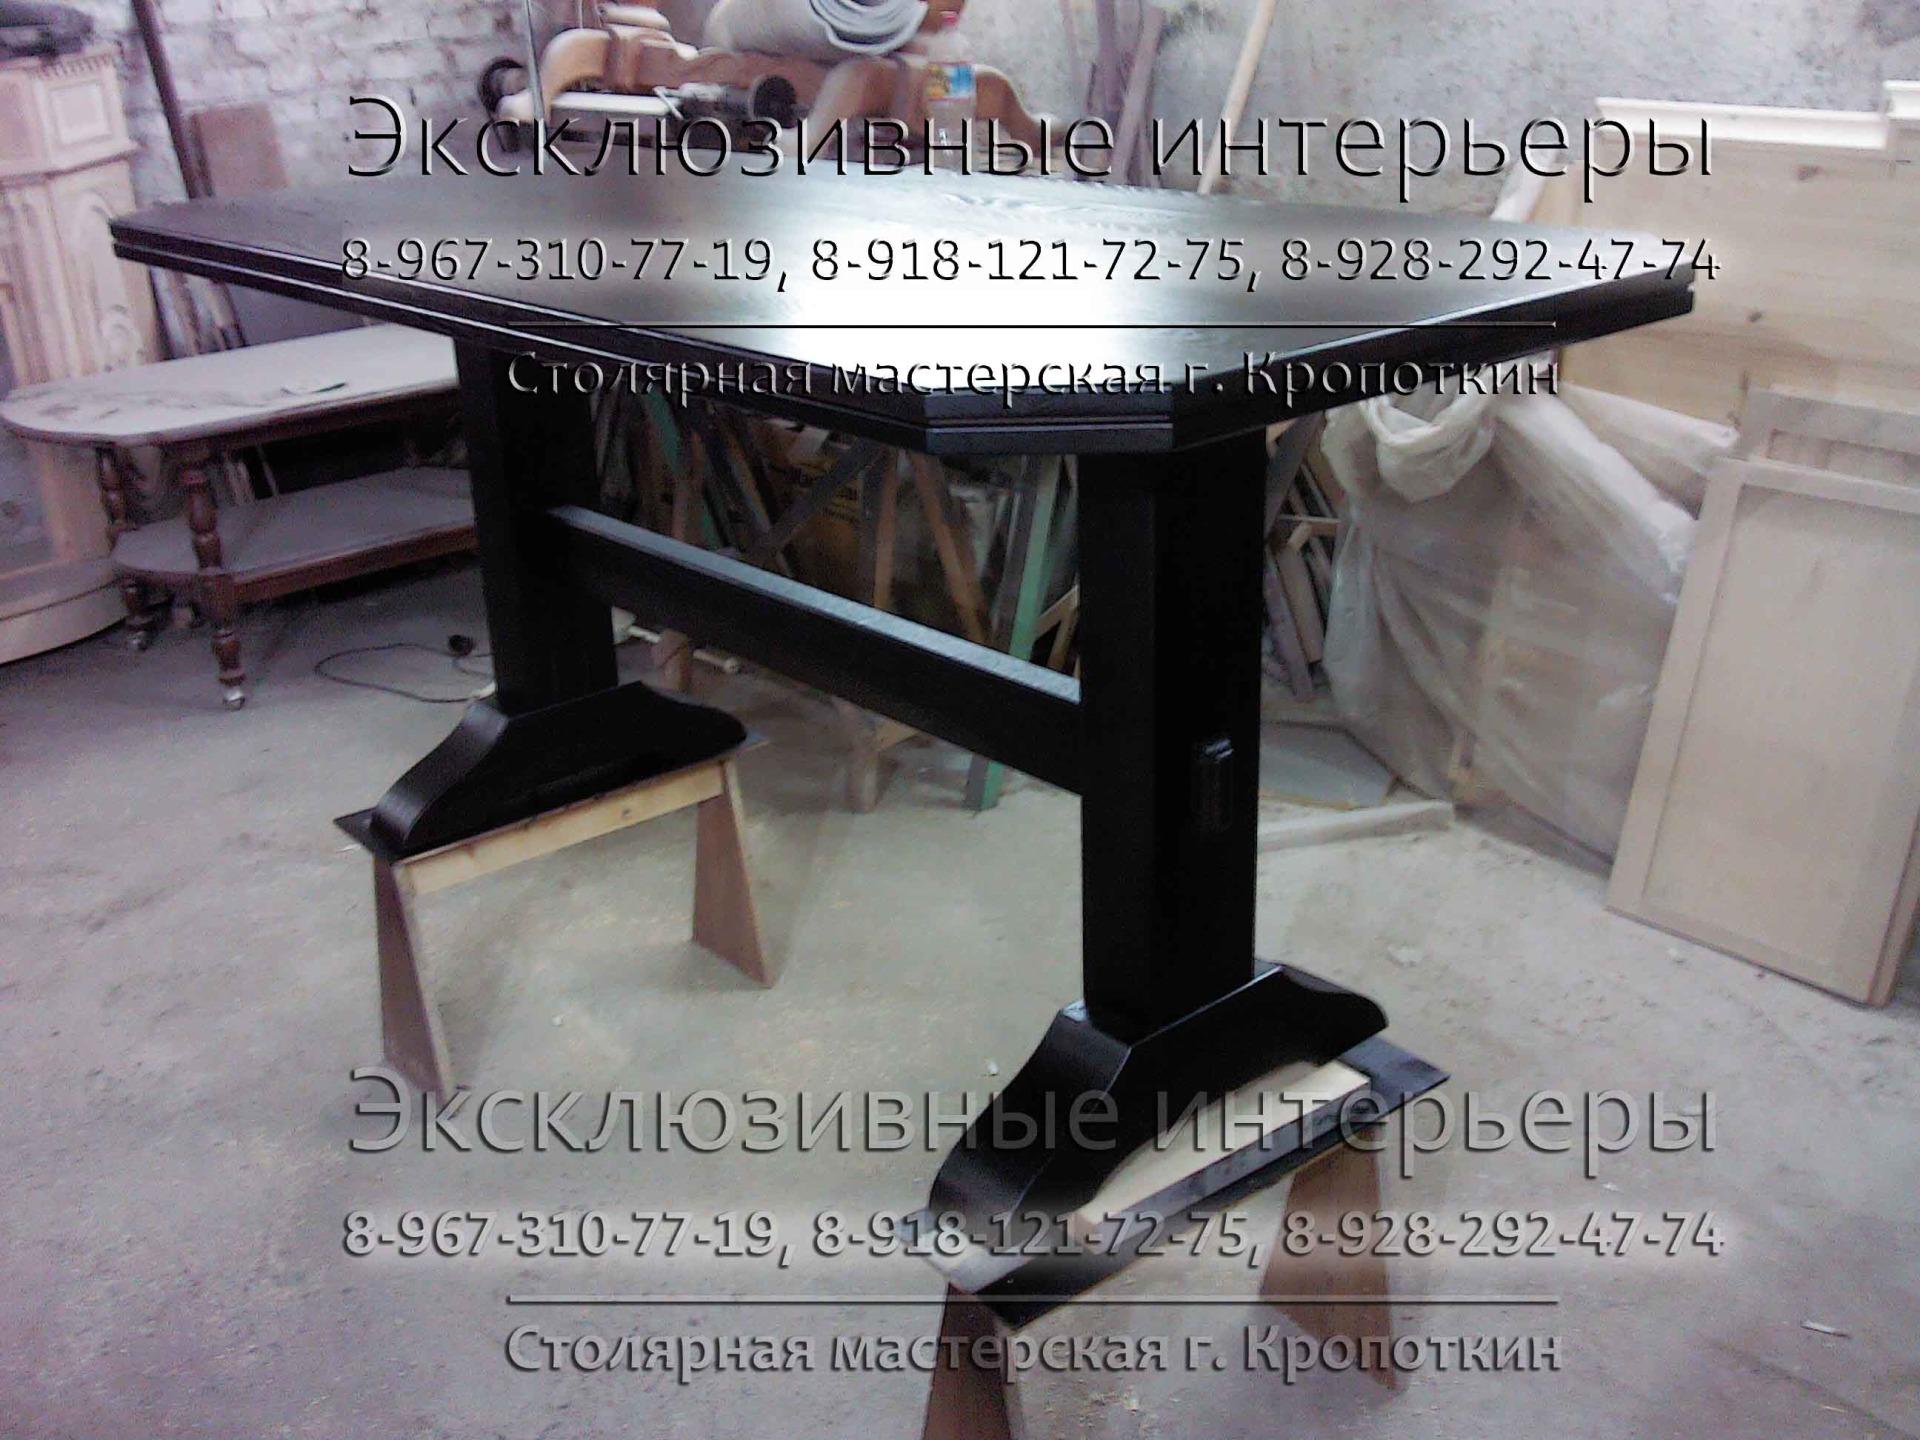 Шкафы-купе, кухни из массива дерева, лестницы - столярный цех в Гулькевичи